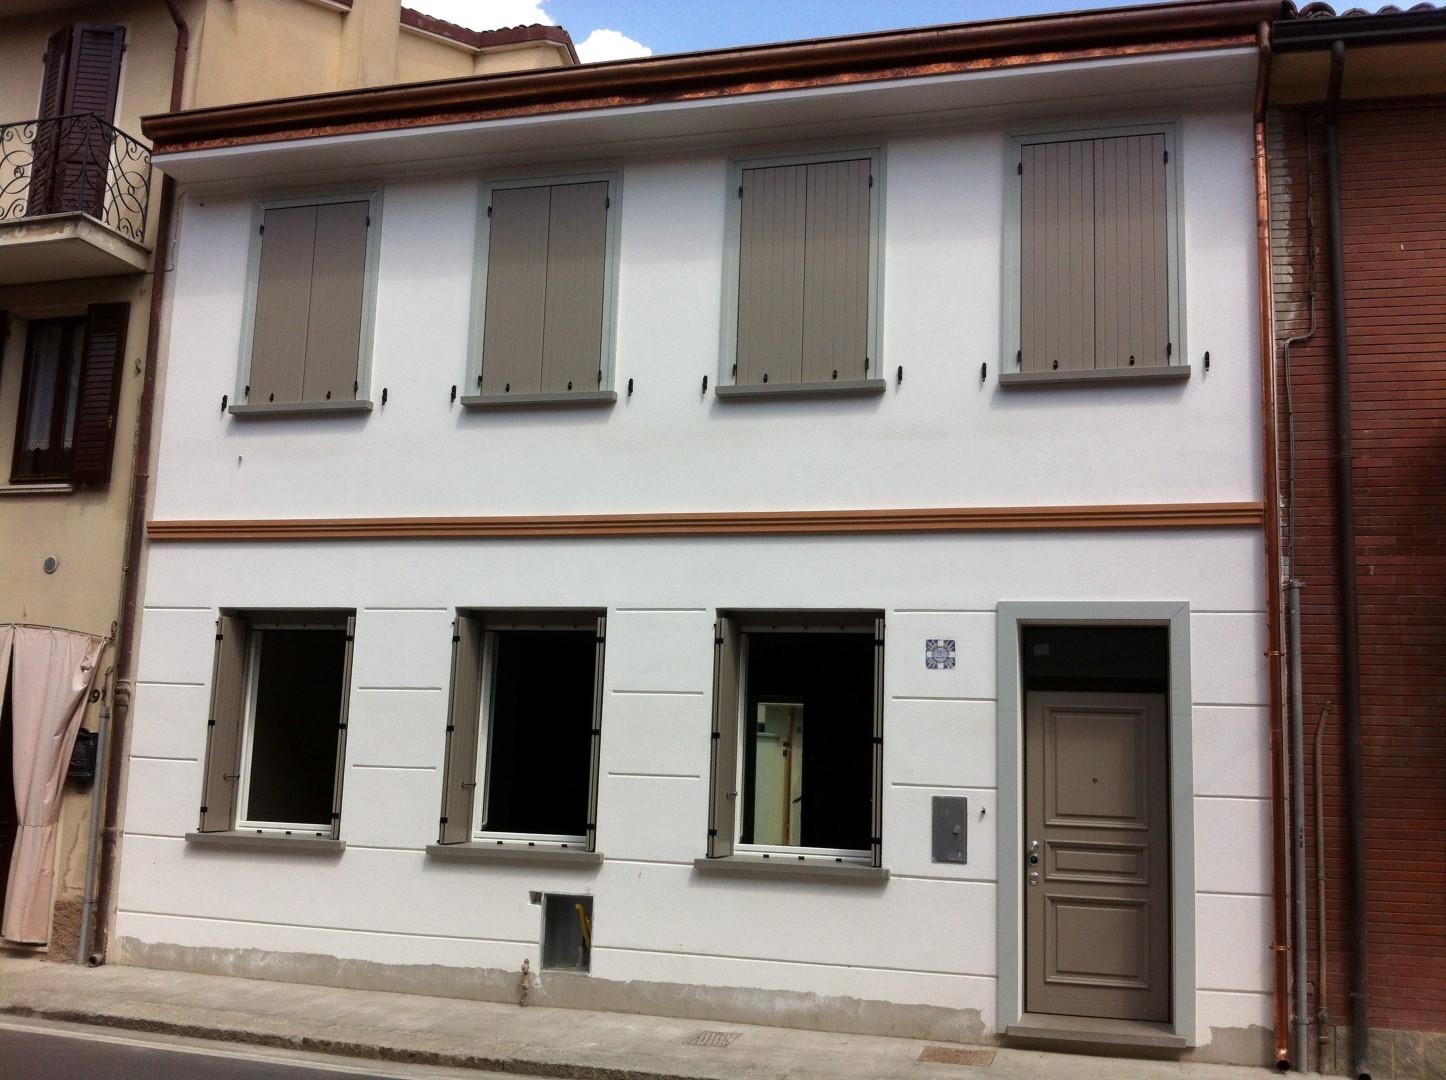 Ristrutturazione fabbricato in Boretto (RE)